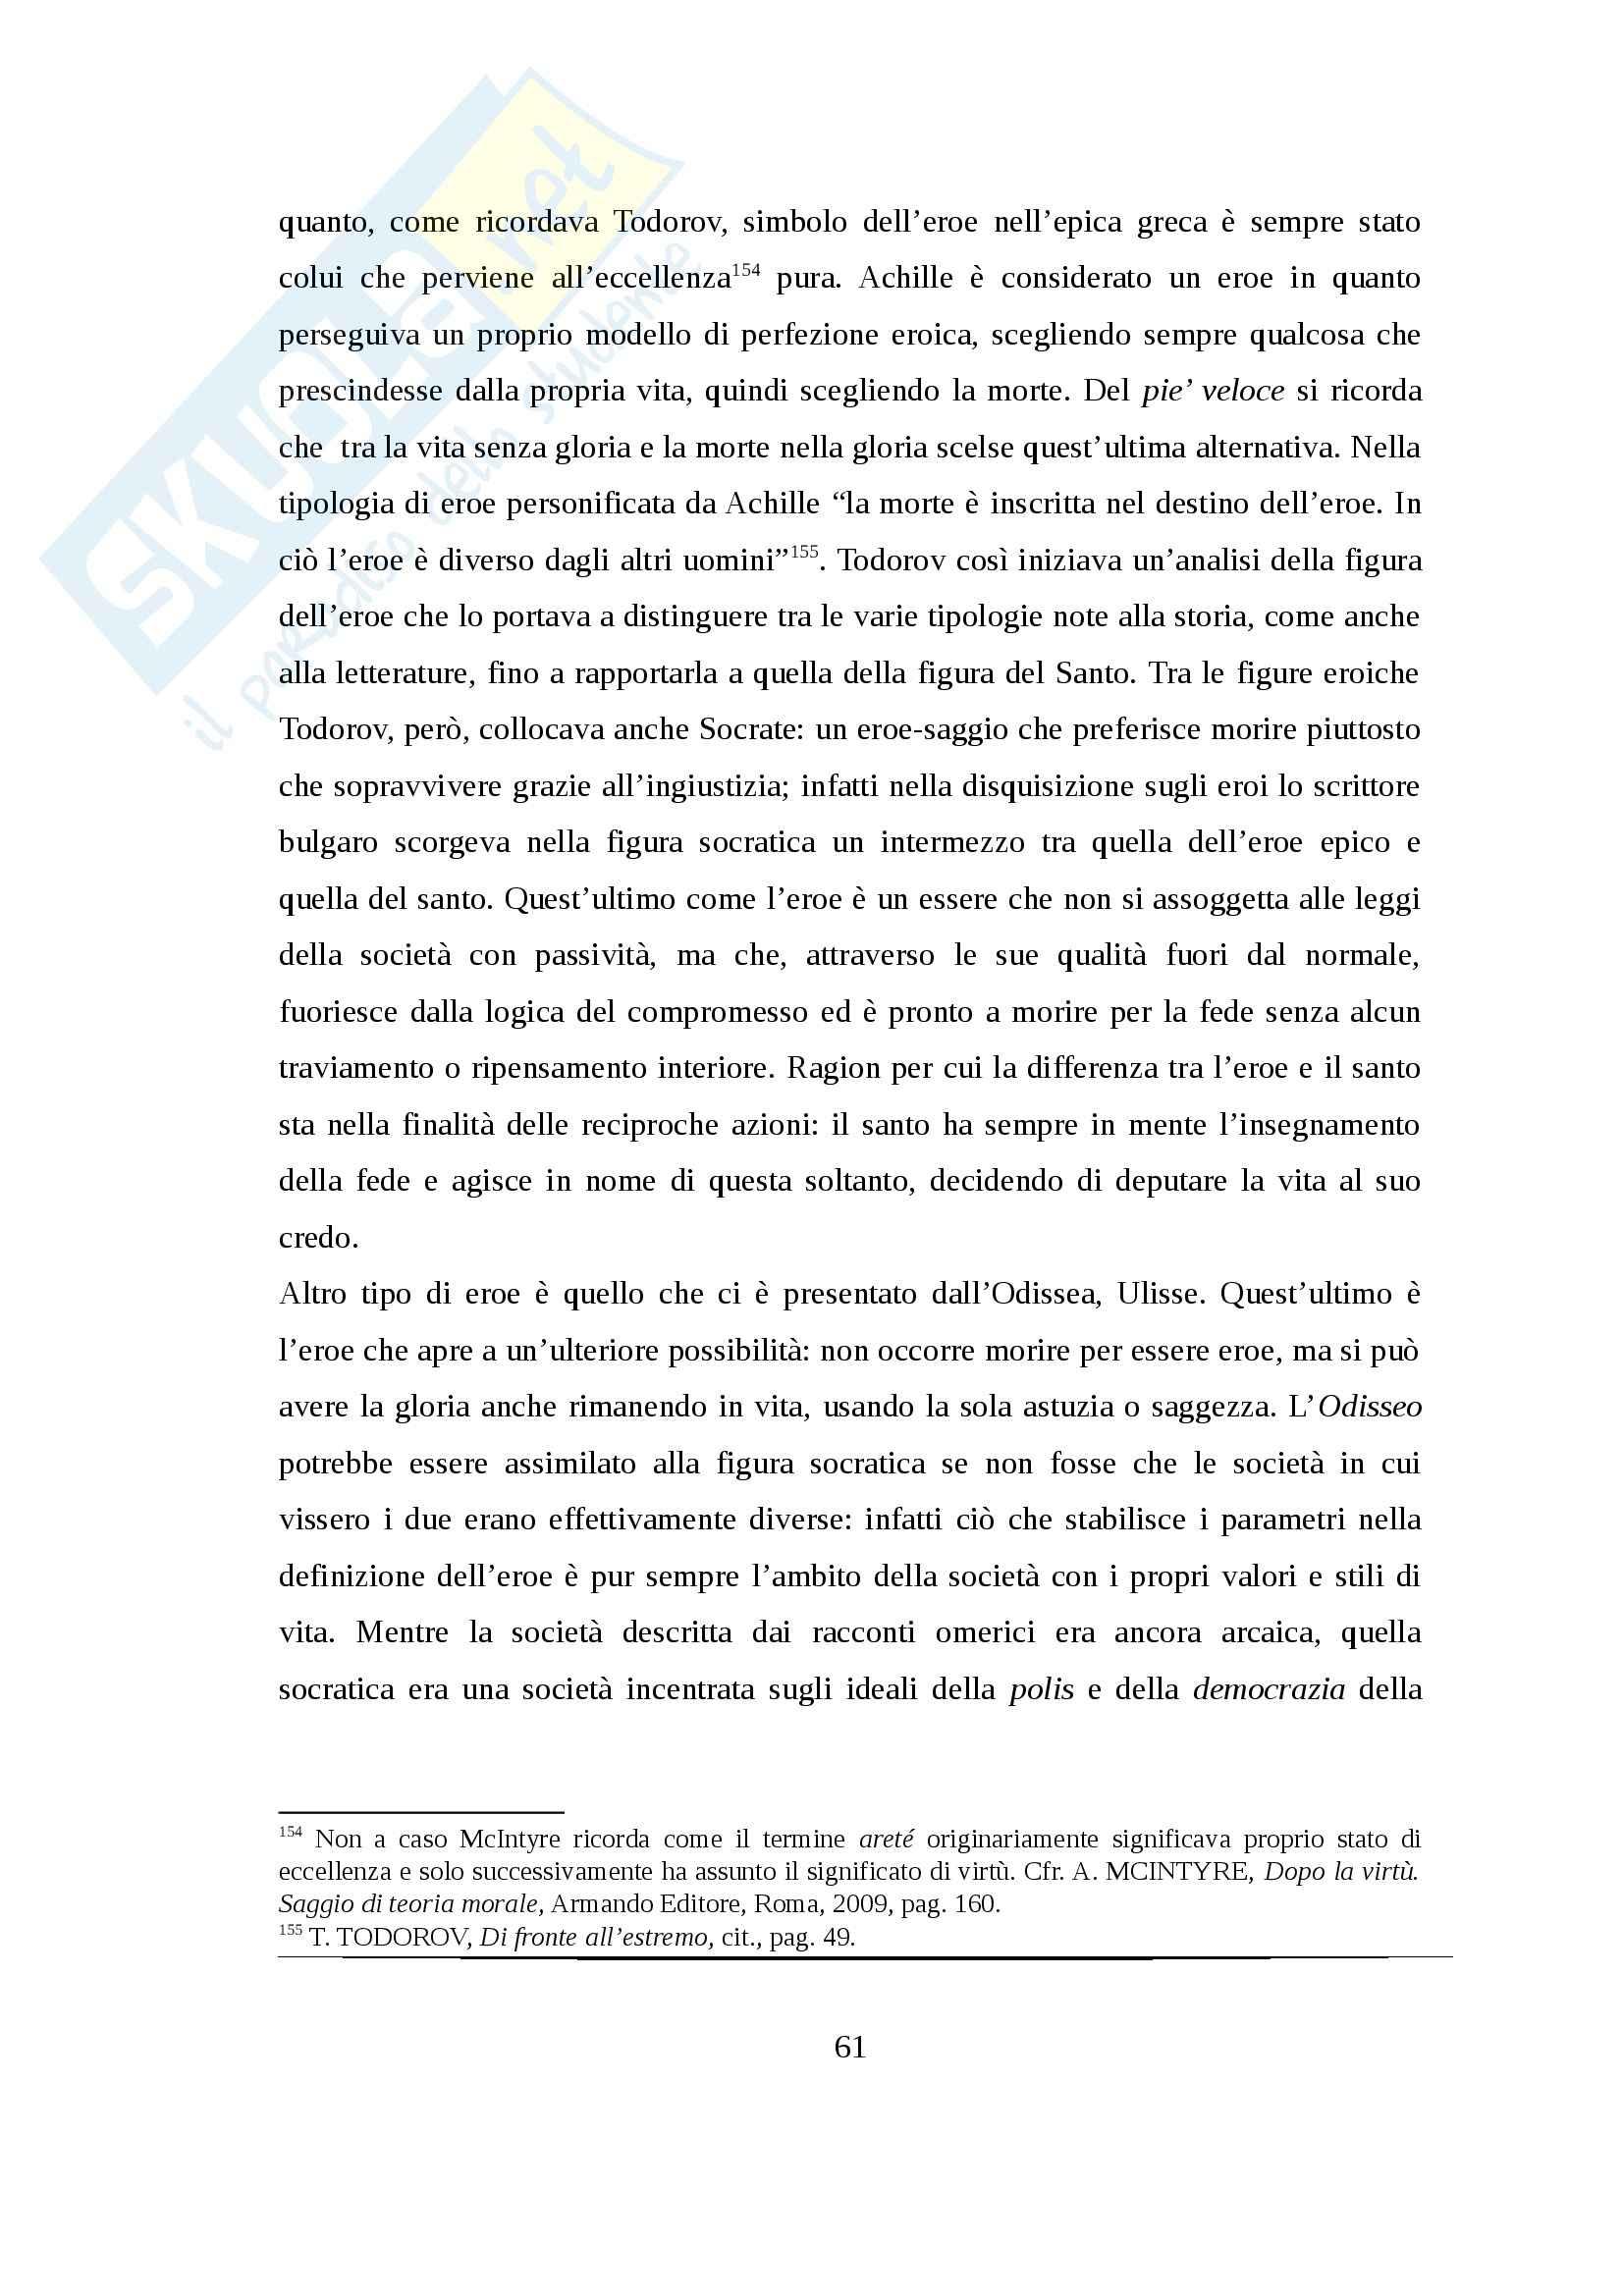 Tesi - Attualità del socratismo politico. La responsabilità di fronte al male da Arendt ad Havel Pag. 61